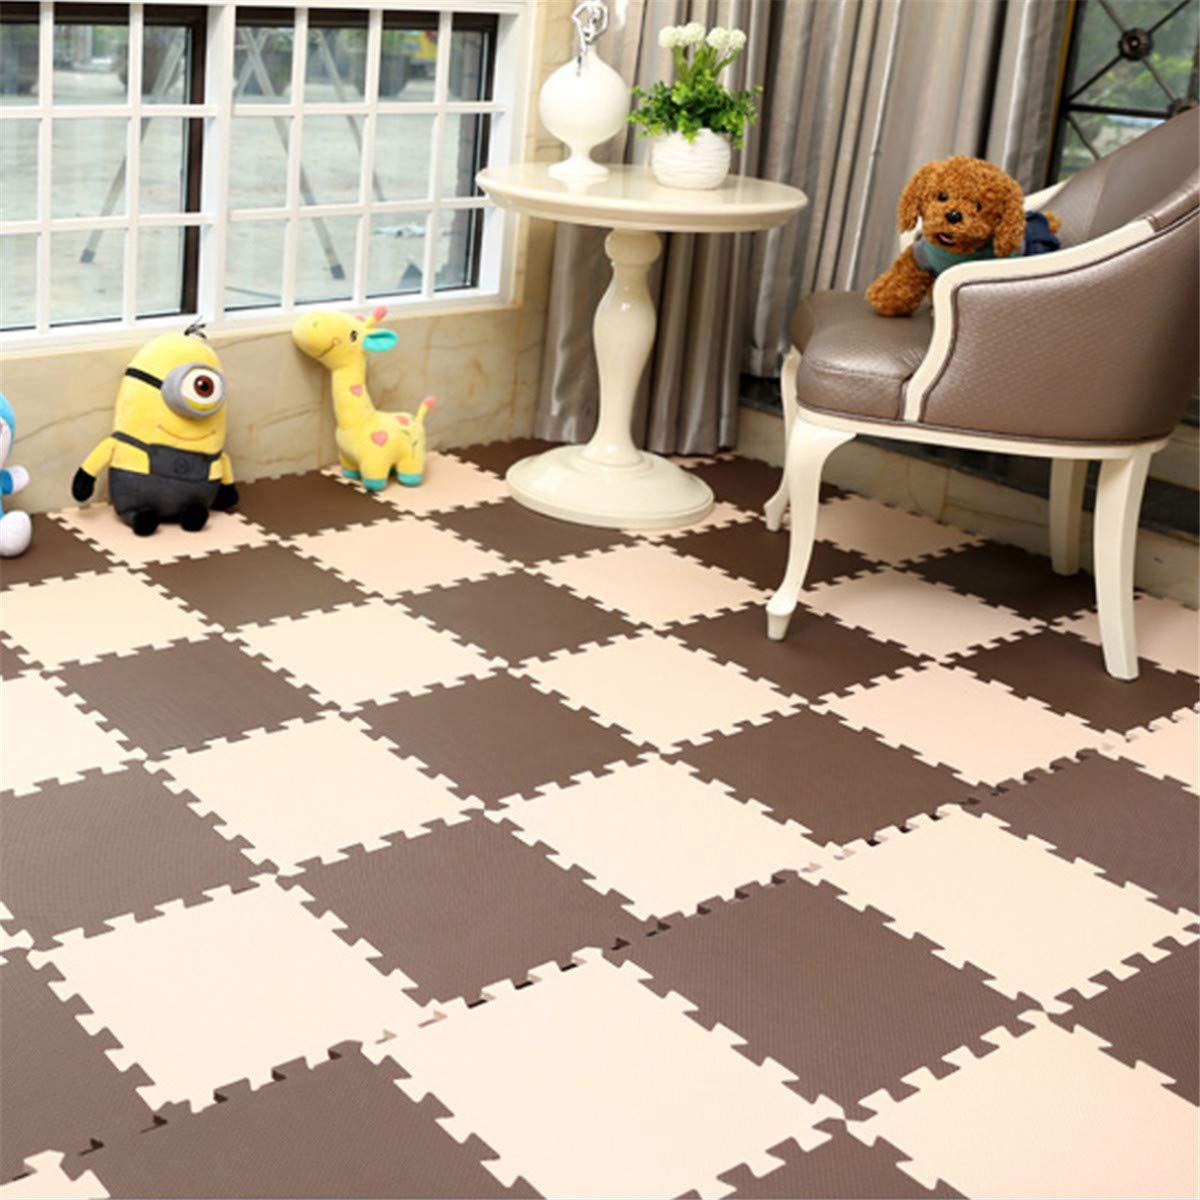 ECYC Baby EVA Schaum Spielen Puzzle Mat für kinder, Starke Bodenmatte Interlocking Übung Fliesen Boden Teppich, Jeder 32X32 cm (Pack von 24 stücke) B07H7Z48BV Spiel- & Krabbeldecken, Spielbögen Maßstab ist der Grundstein, Qualität ist Säule